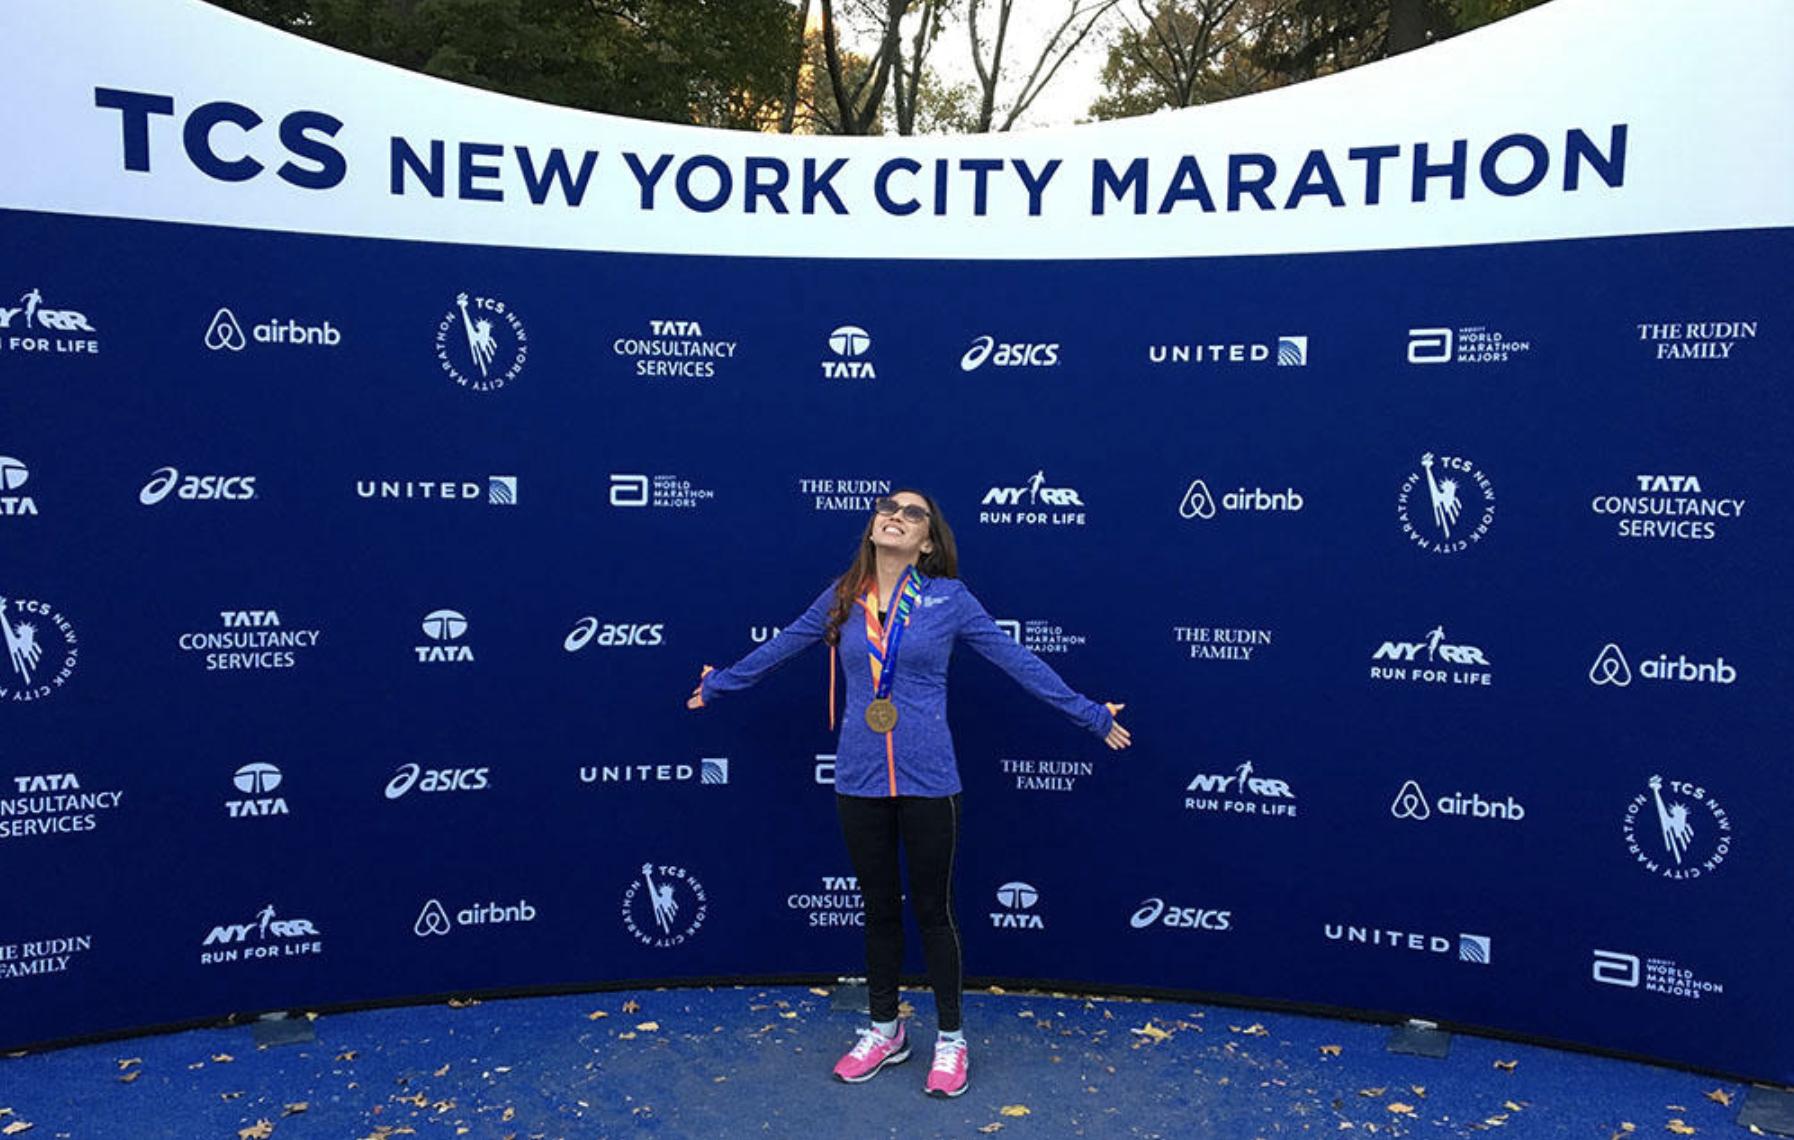 Jessica Wright, 2016 Free to Run marathon runner